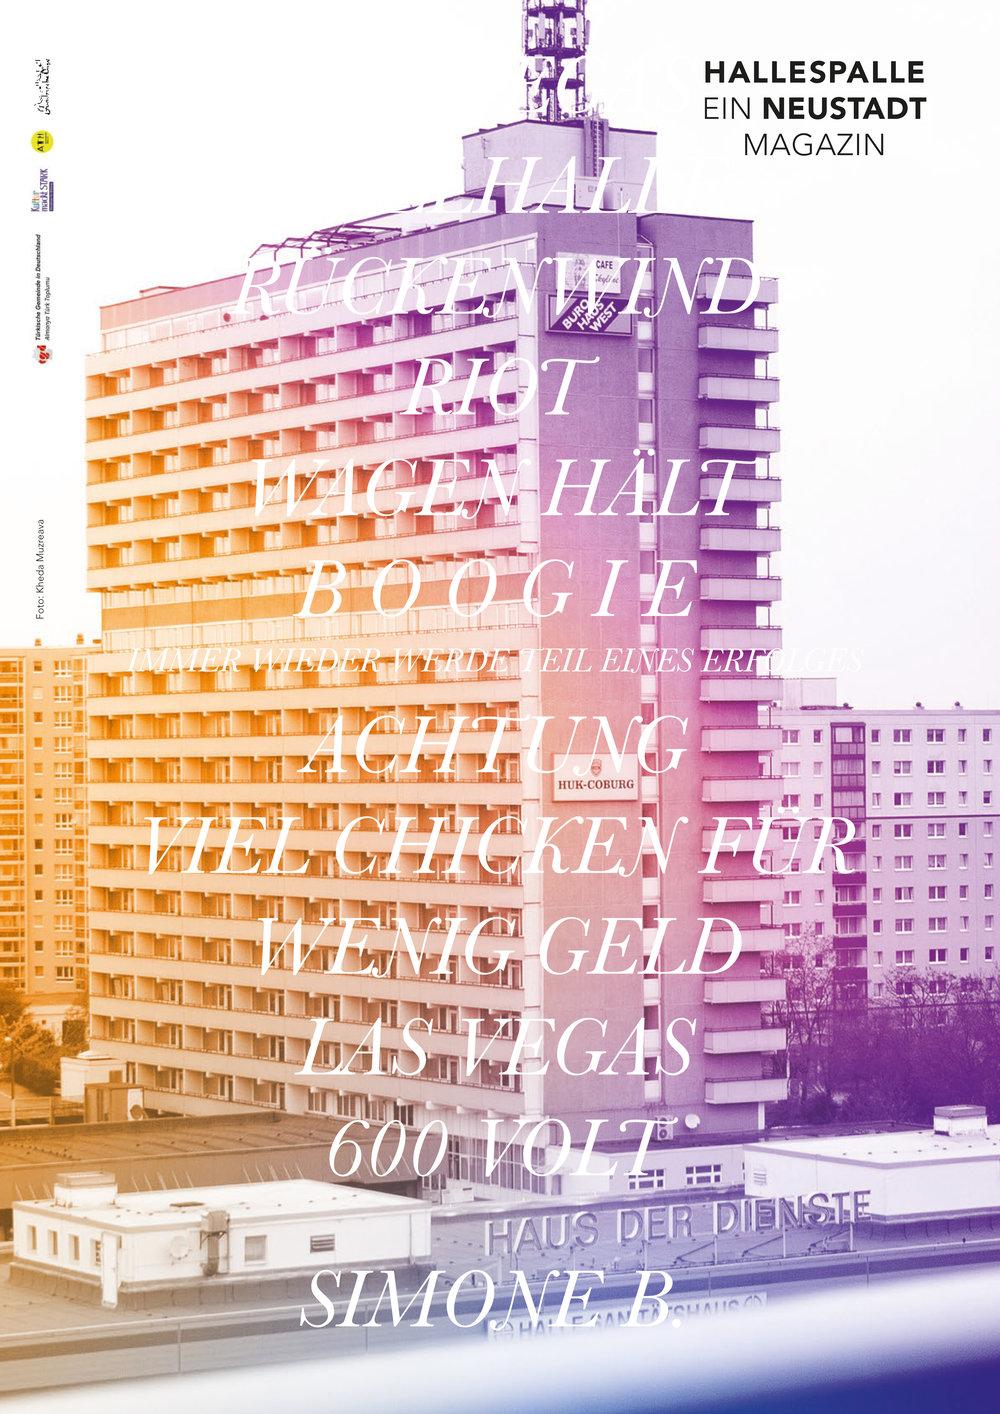 Design: Franziska Klose / Bild: Khed Muzraeva